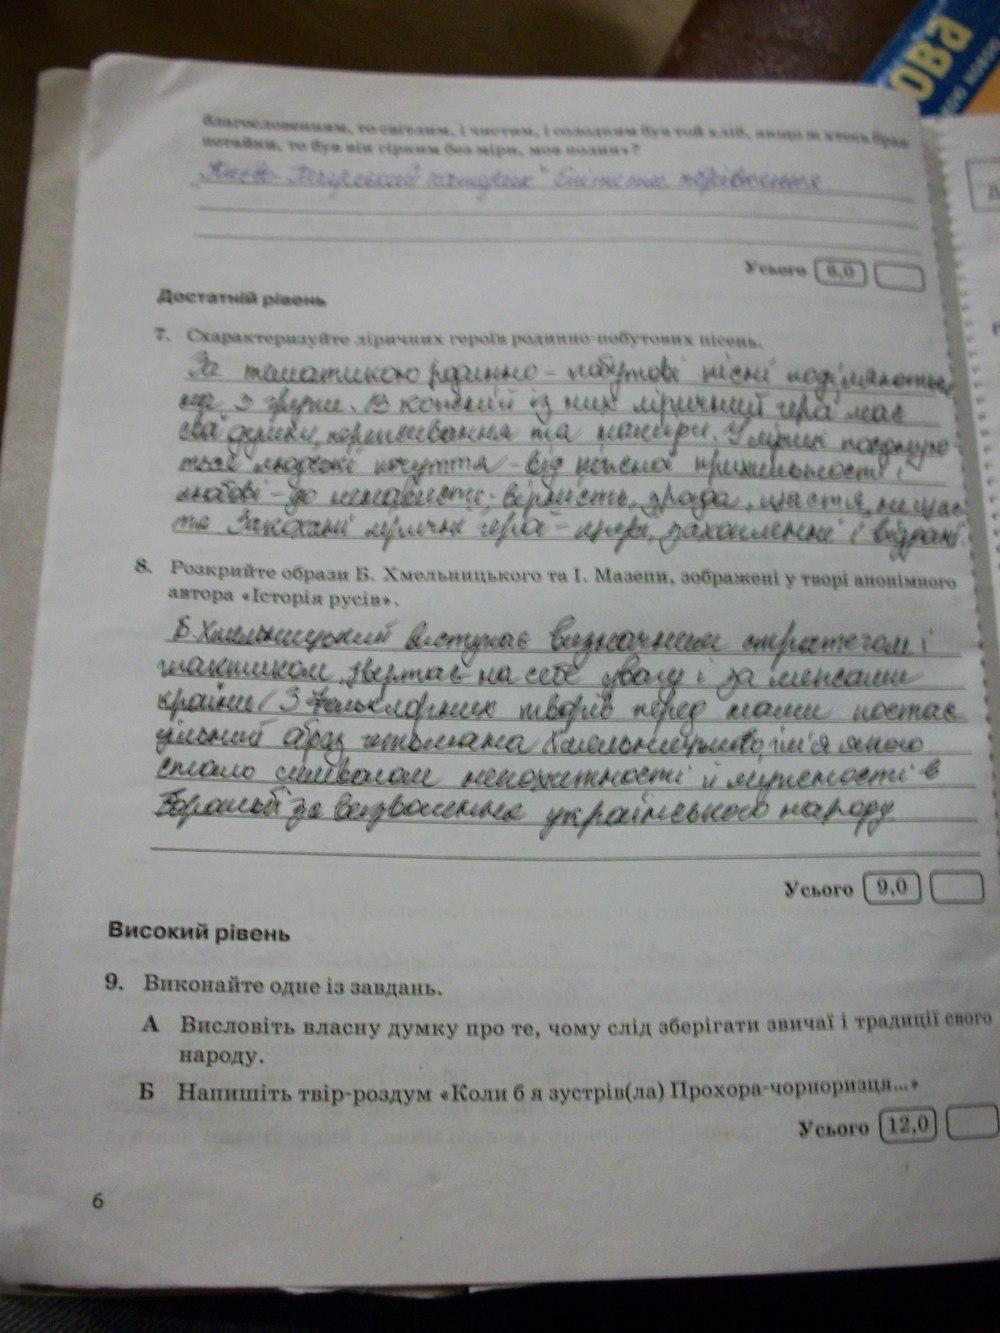 ГДЗ відповіді робочий зошит по литературе 9 класс В.В. Паращич. Задание: стр. 6